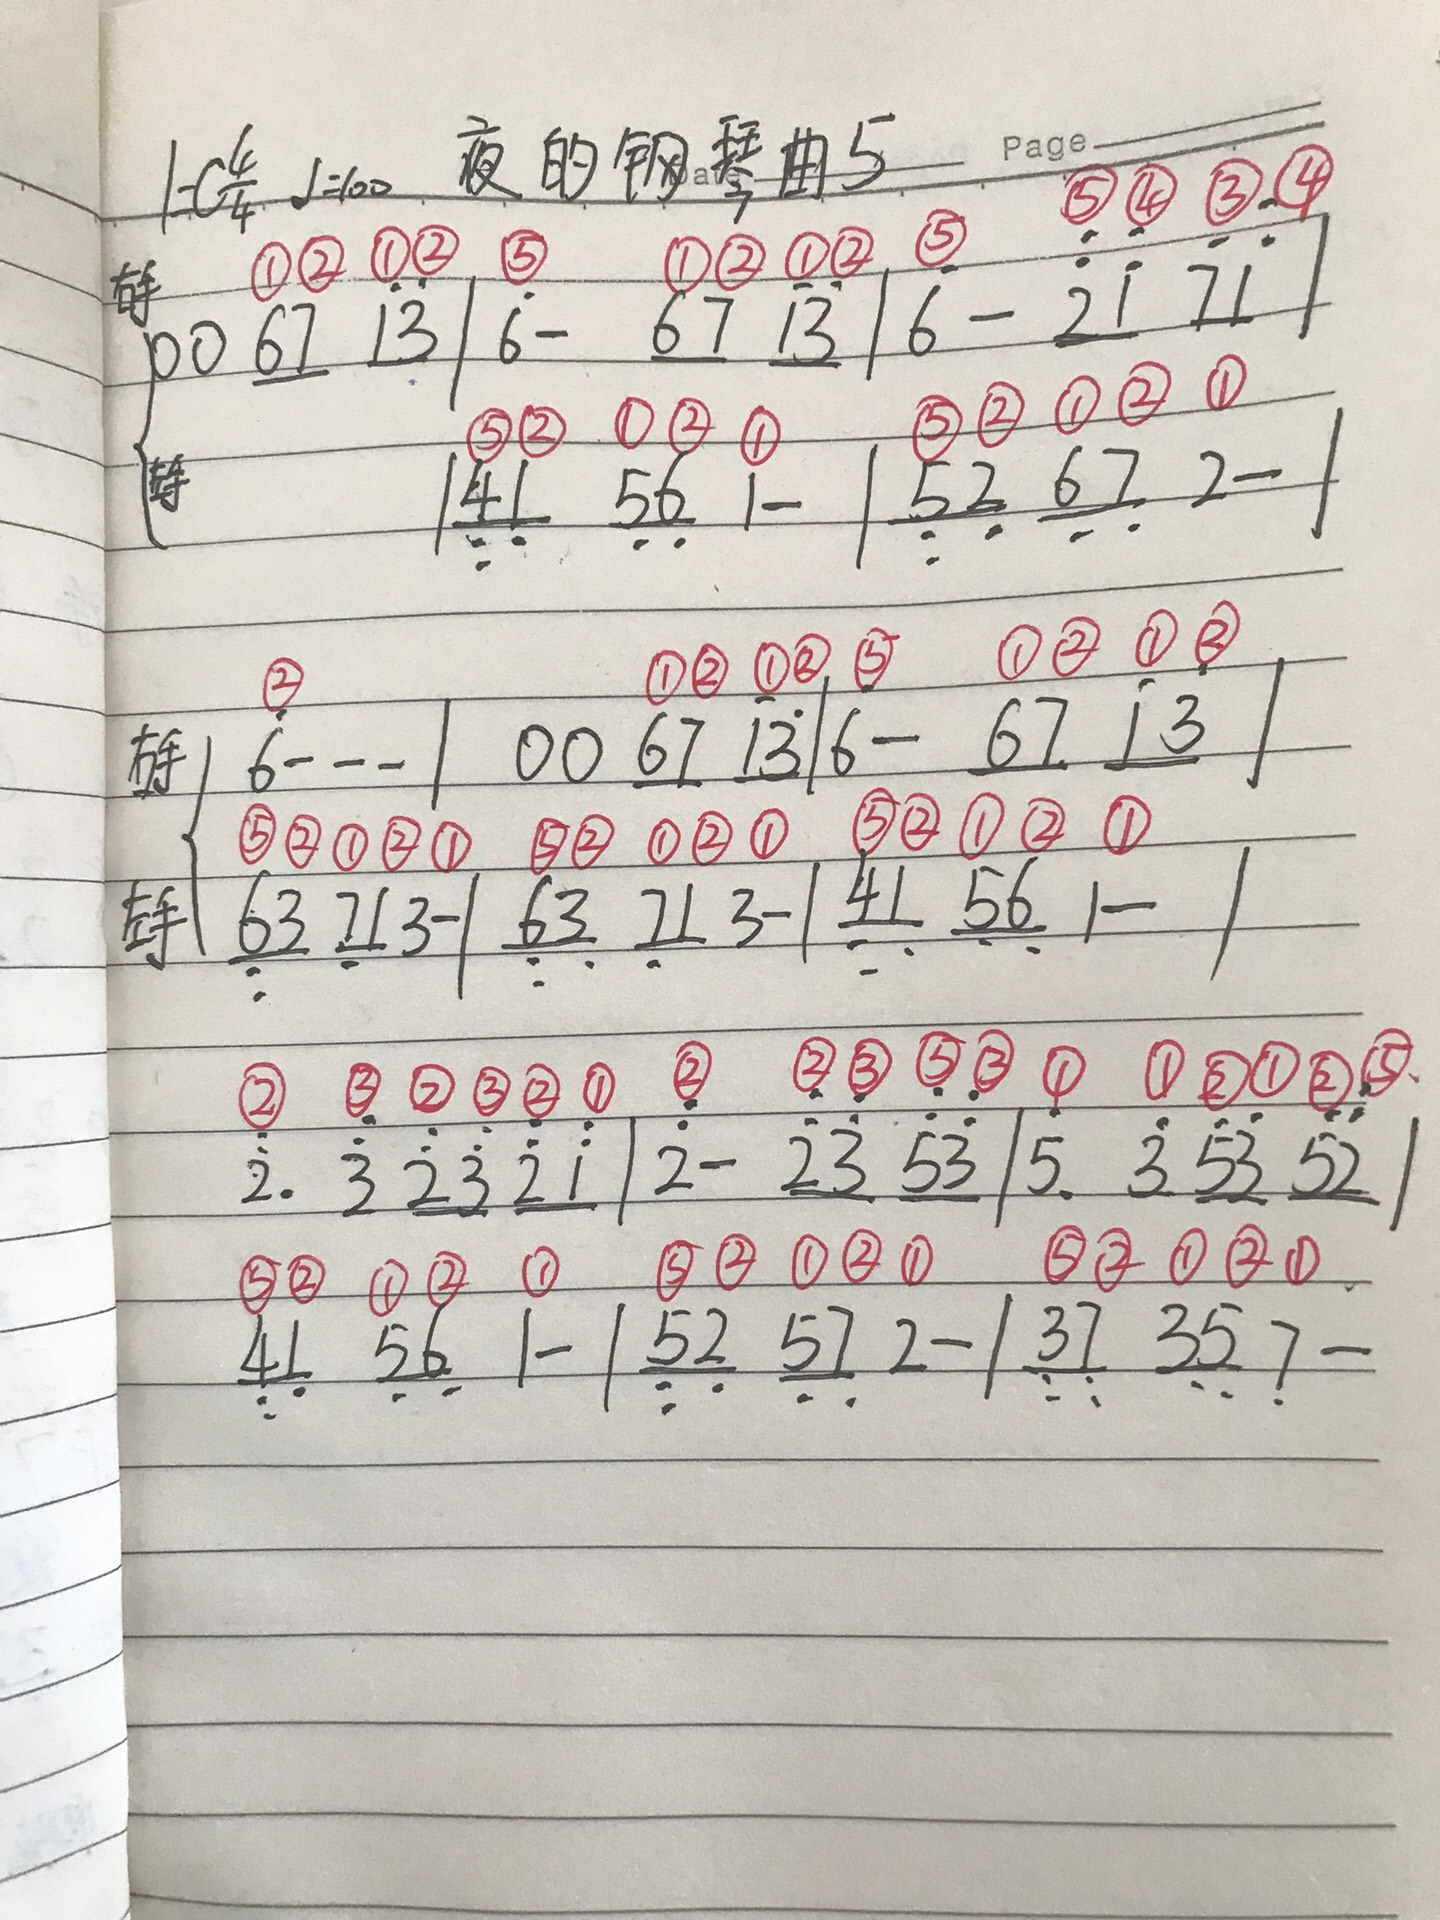 电子琴简谱带和弦指法标记